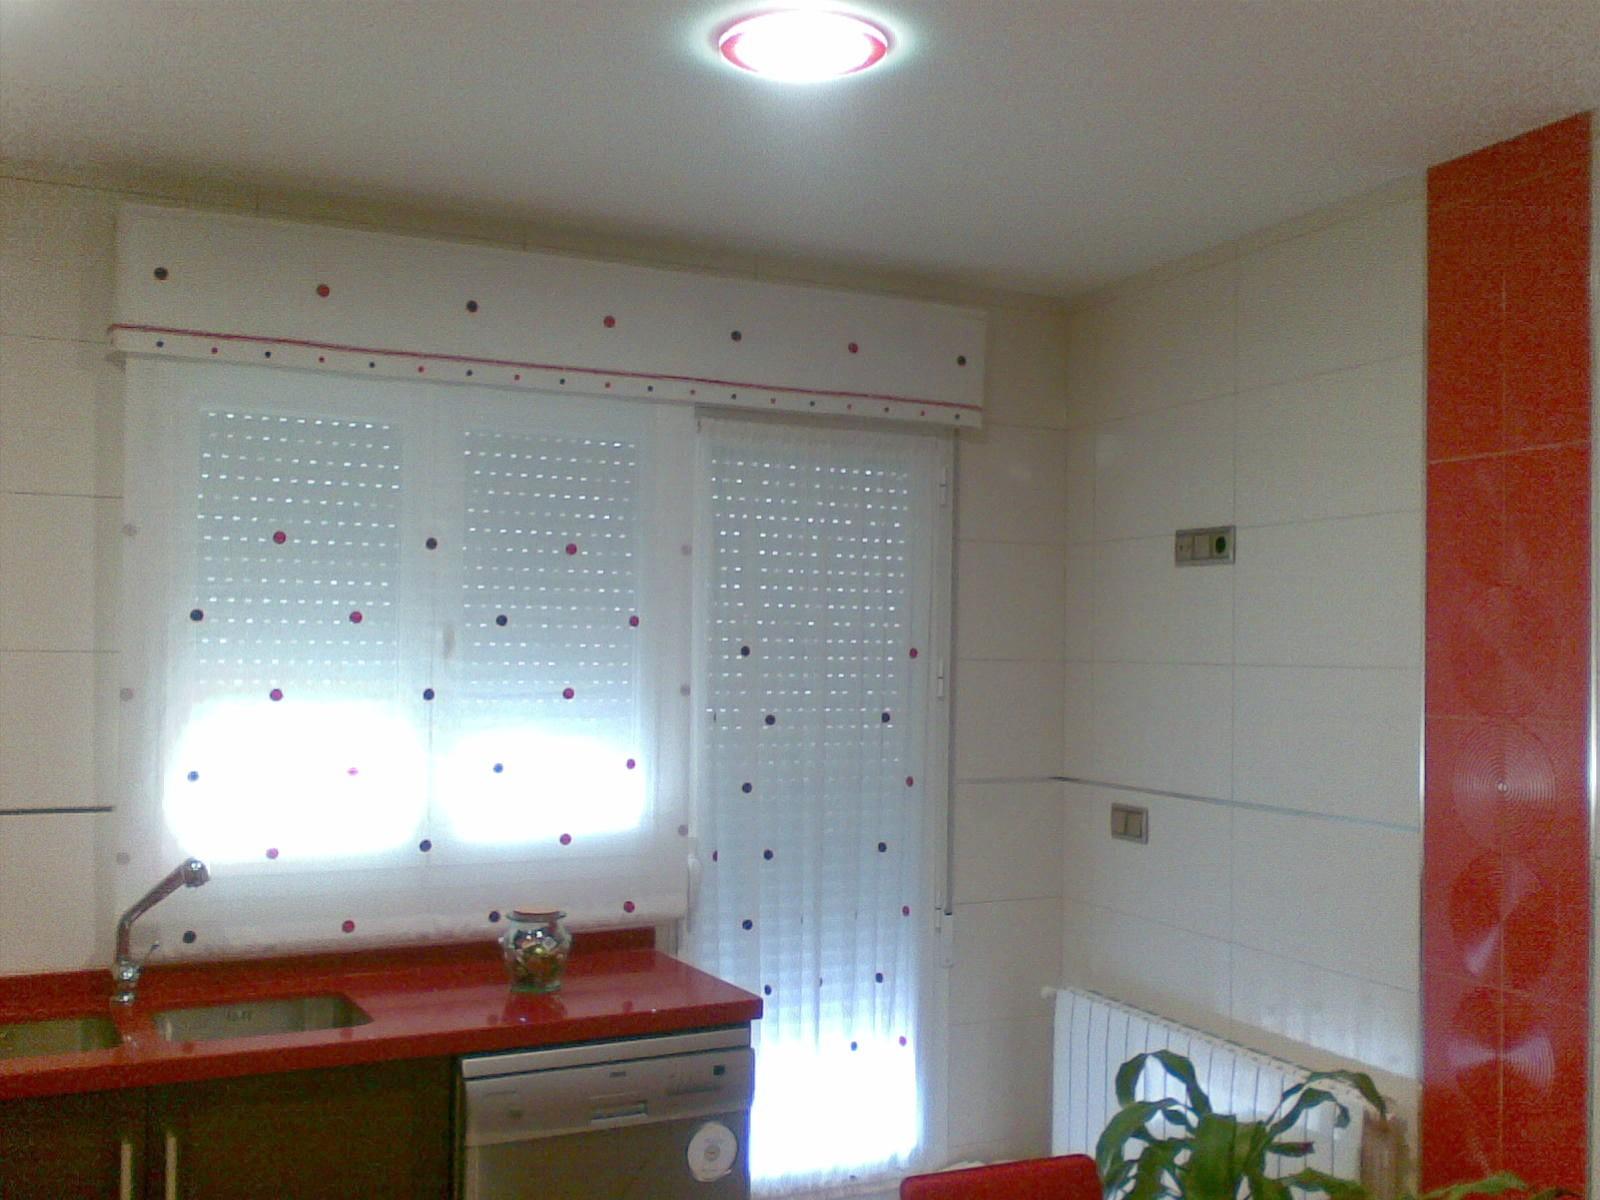 Decoracion mueble sofa cortinas cocina puerta terraza for Cortinas para muebles de cocina